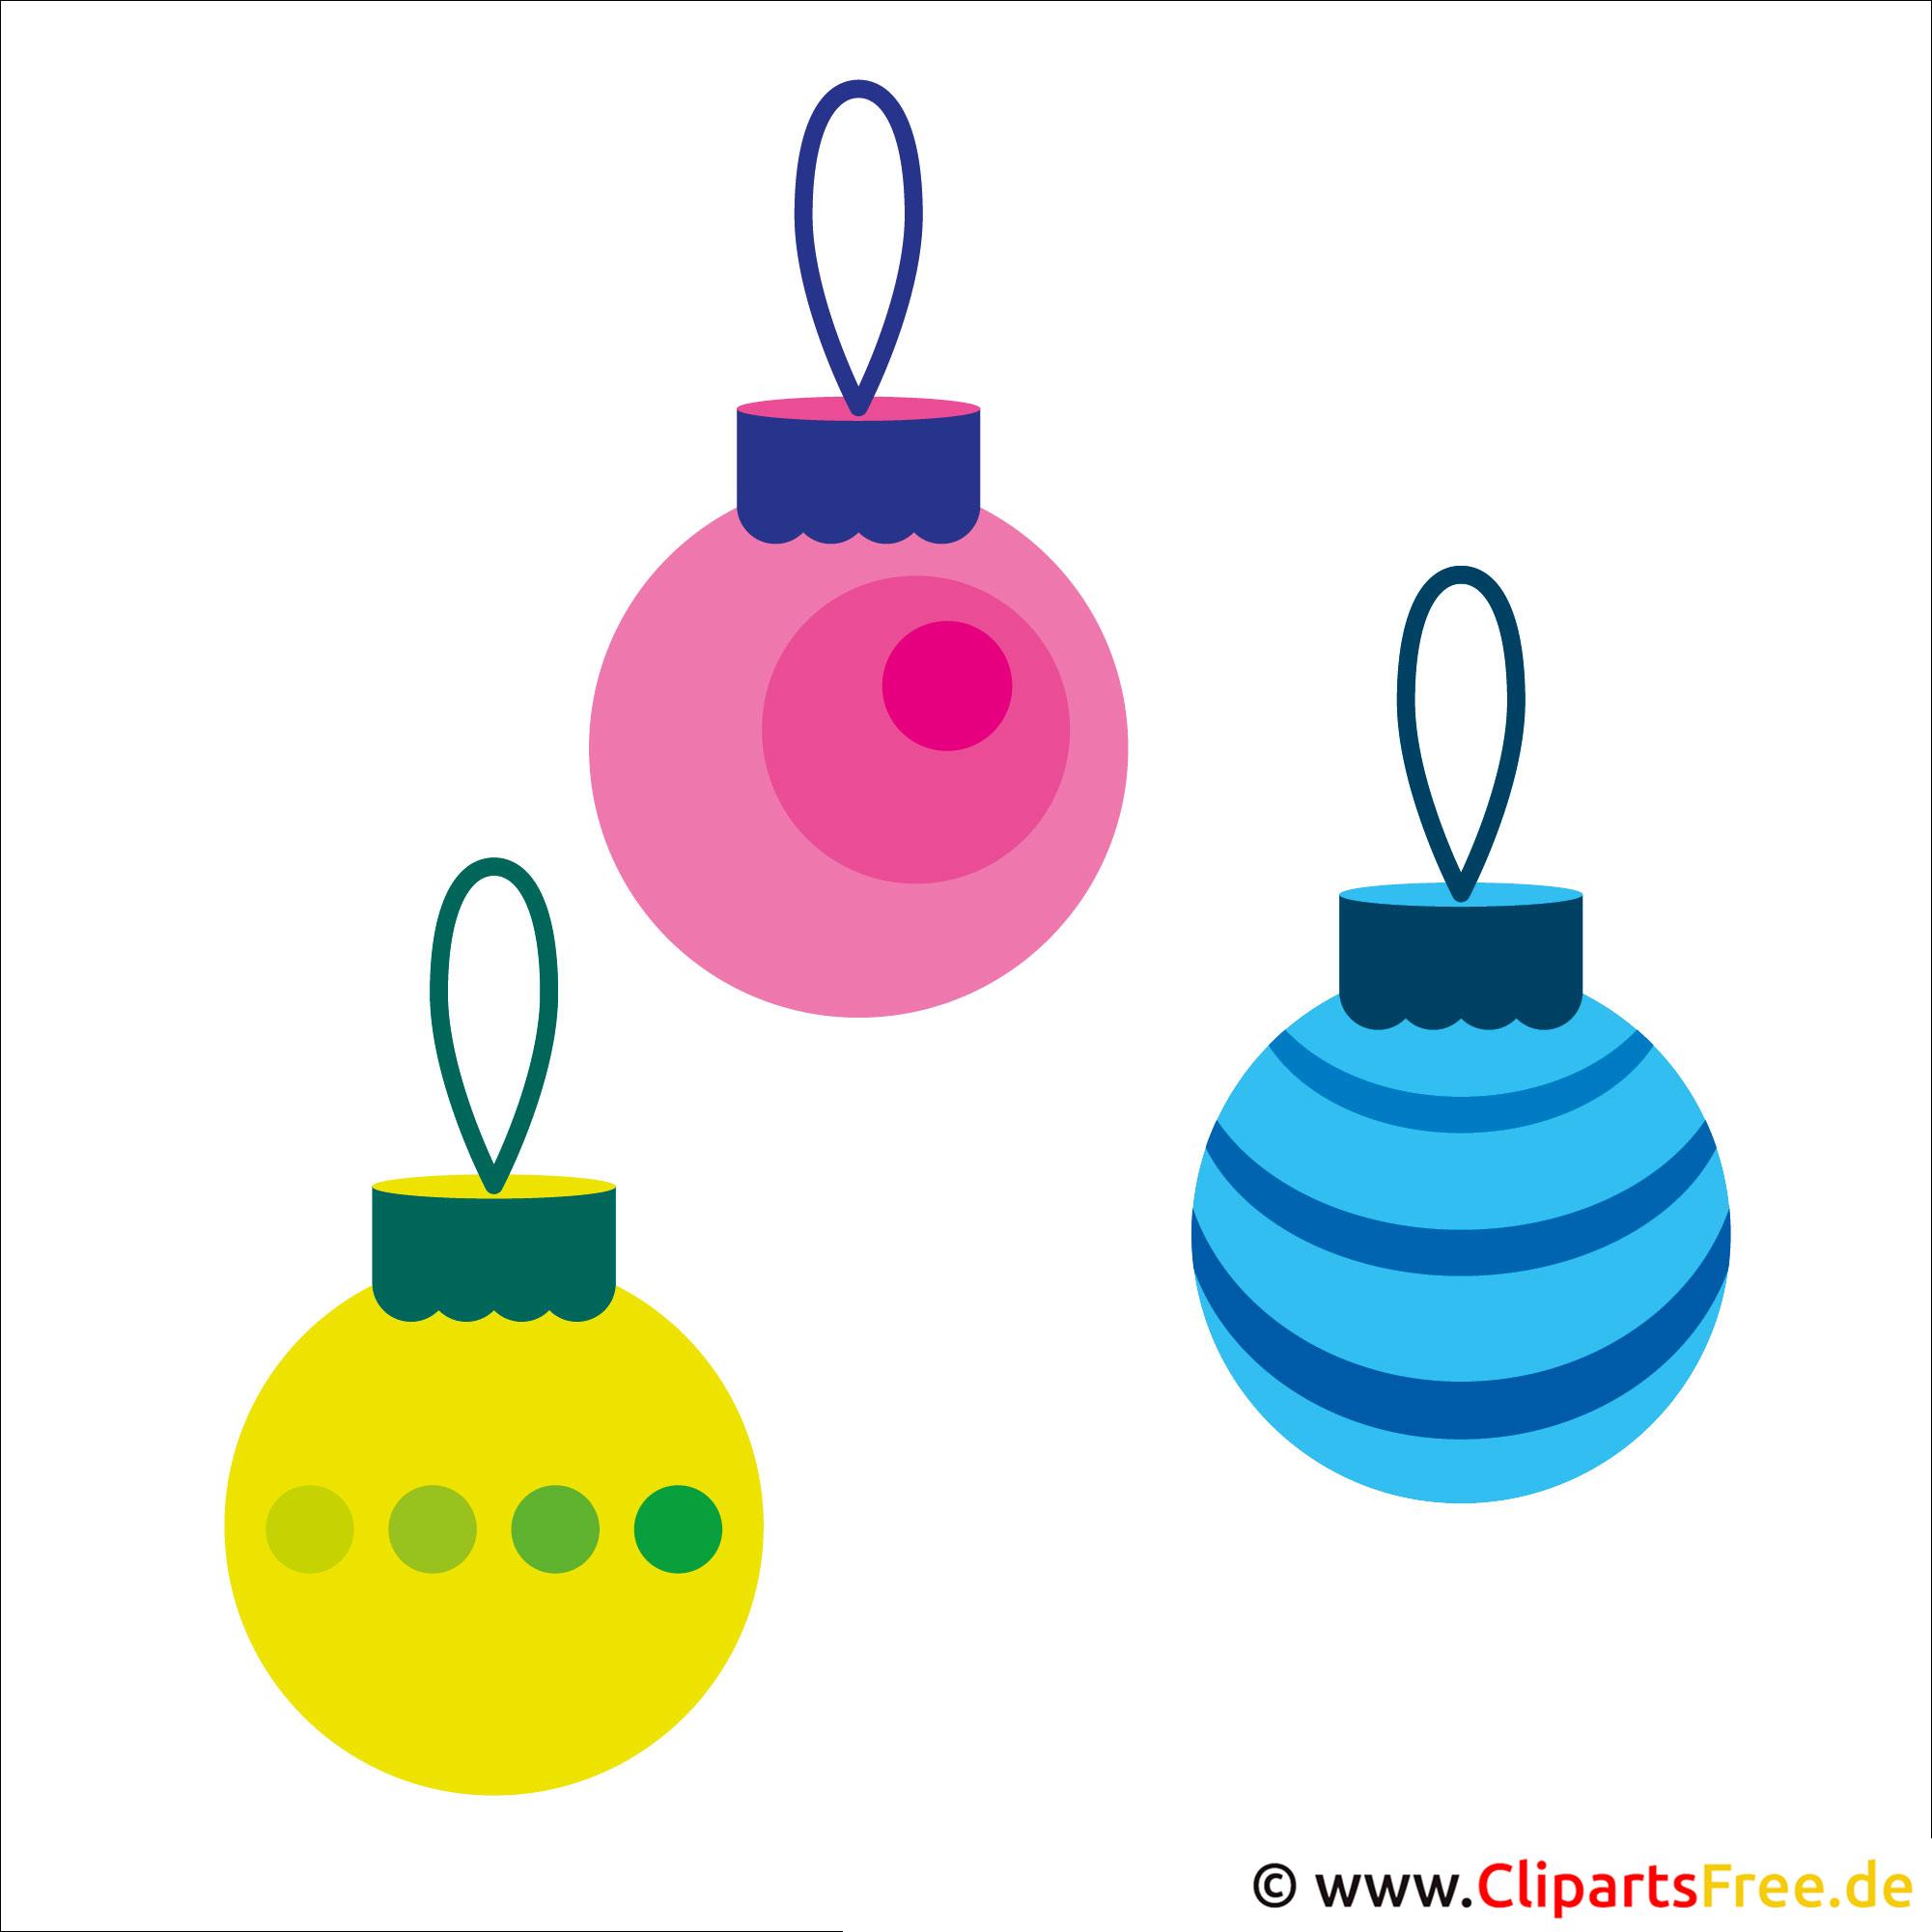 Weihnachtsschmuck Clipart zu Weihnachten